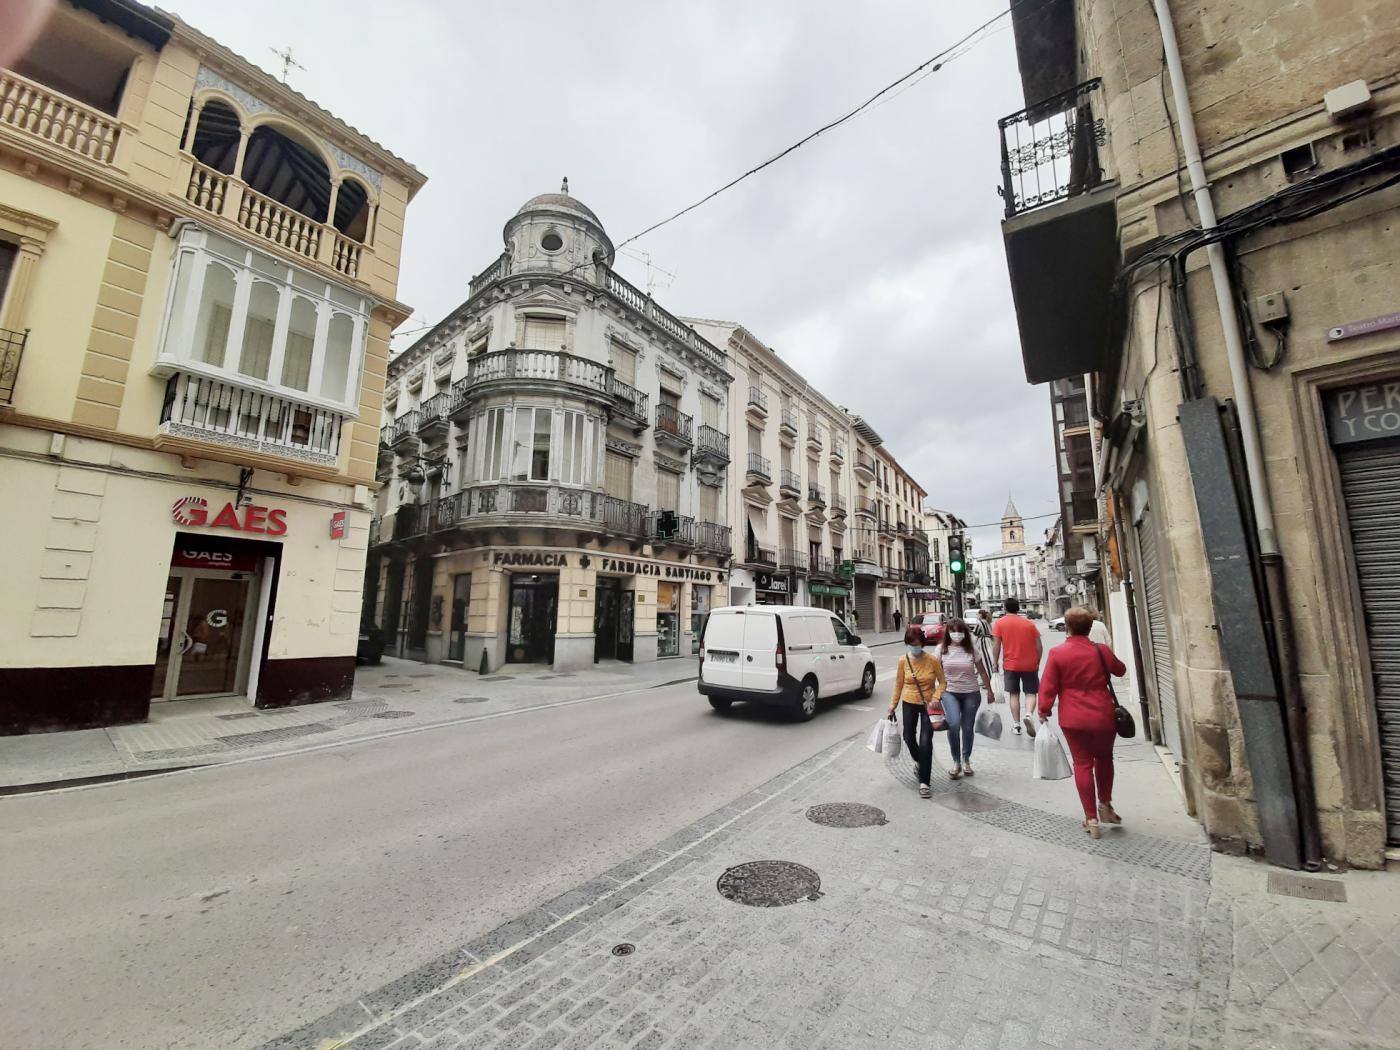 La incidencia vuelve a caer por debajo de 100 en Alcalá la Real